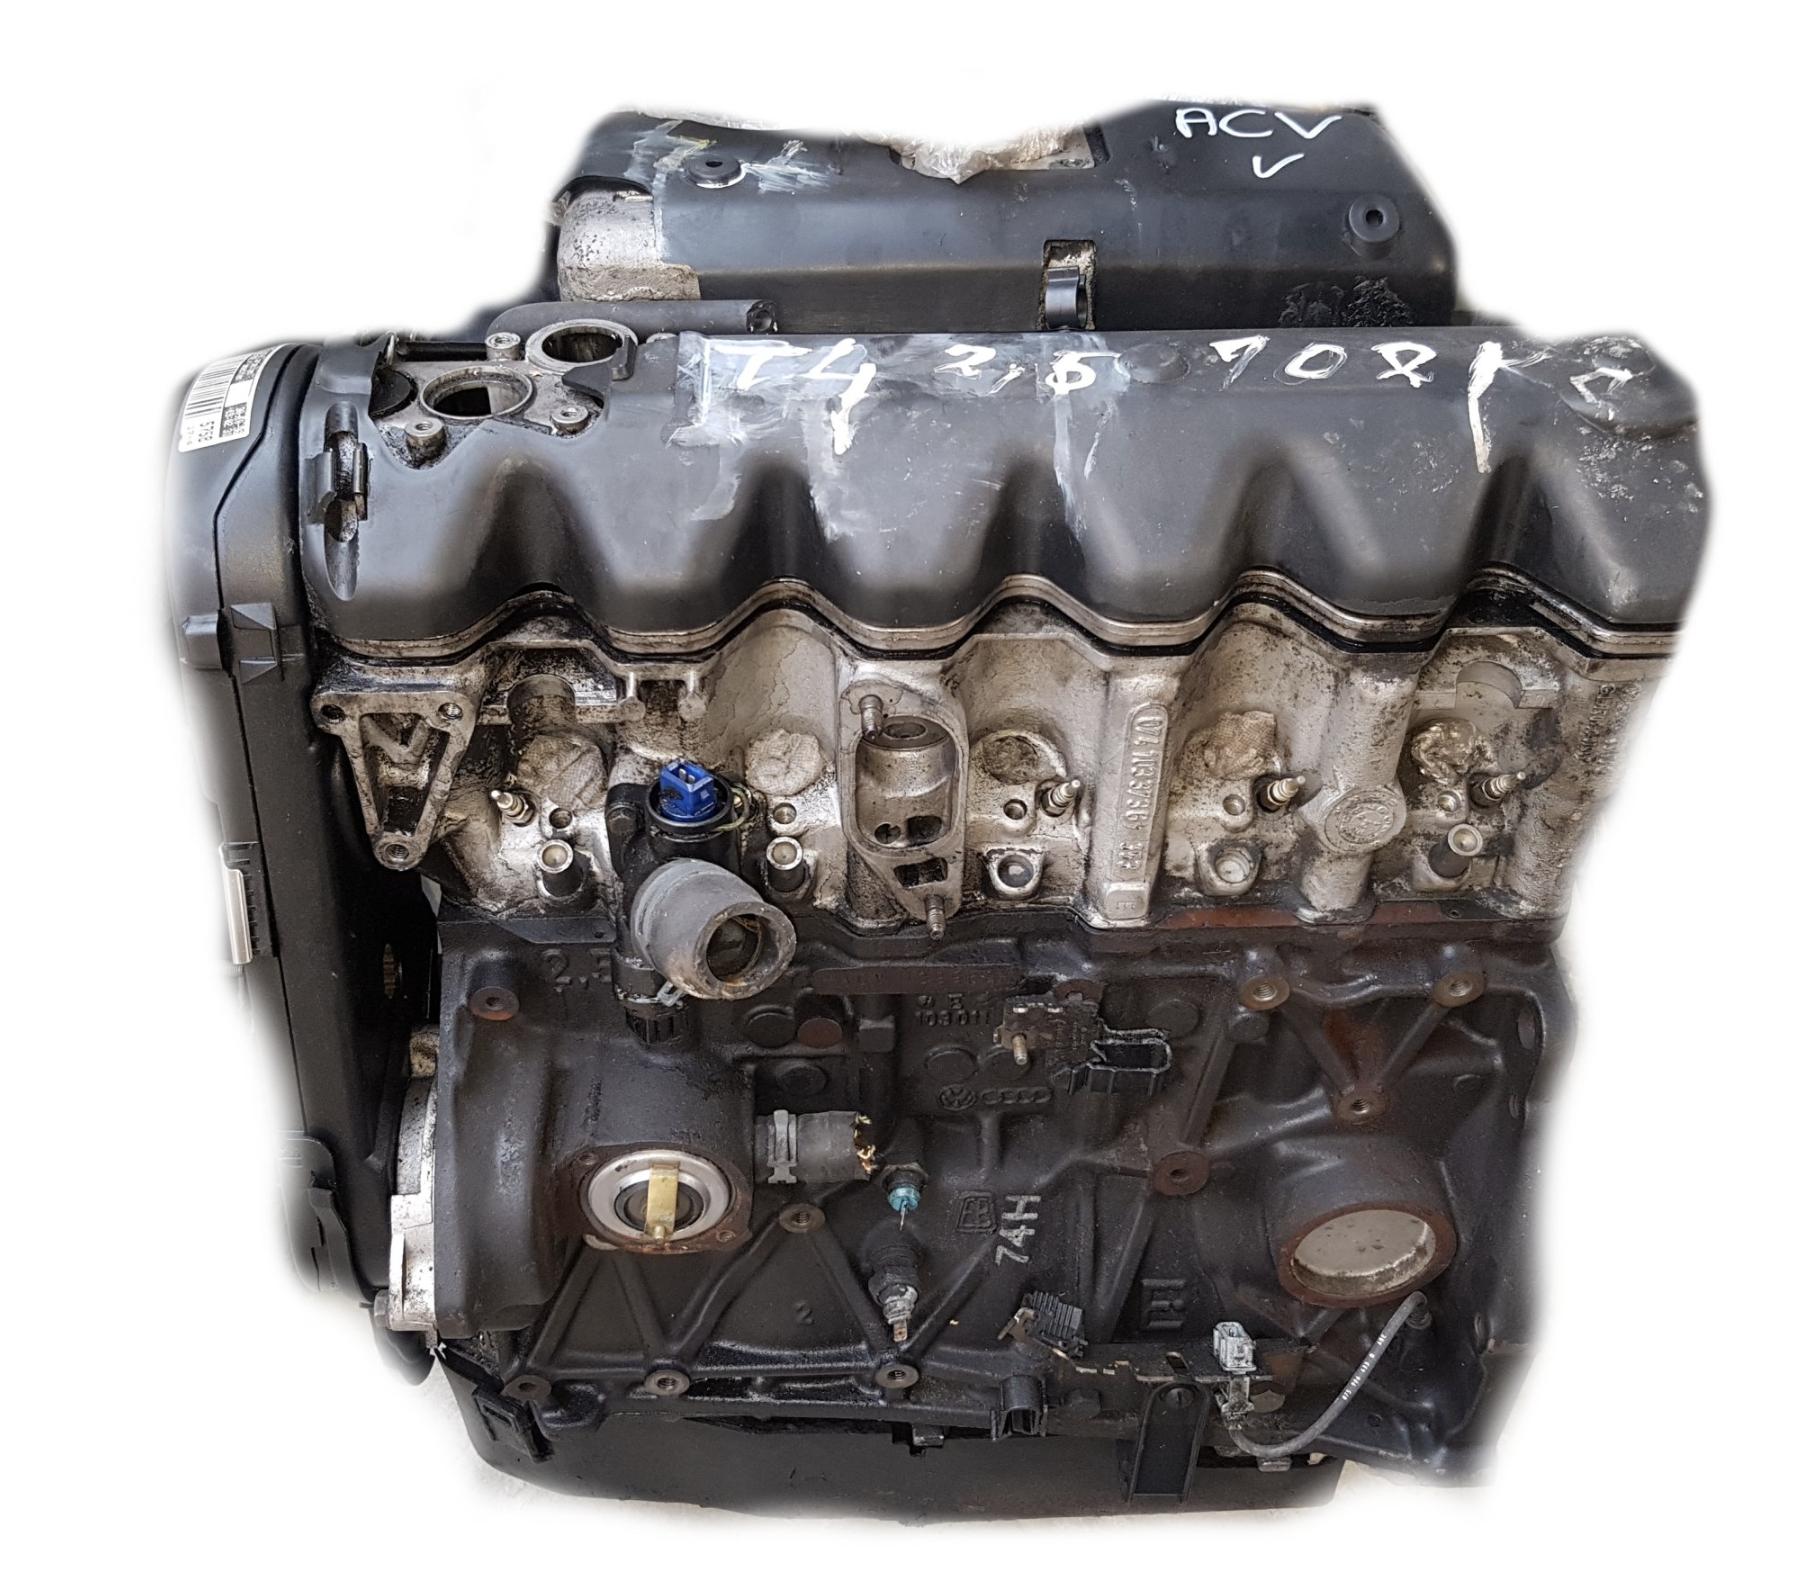 Транспортер двигатель acv стоматологический элеватор классификация